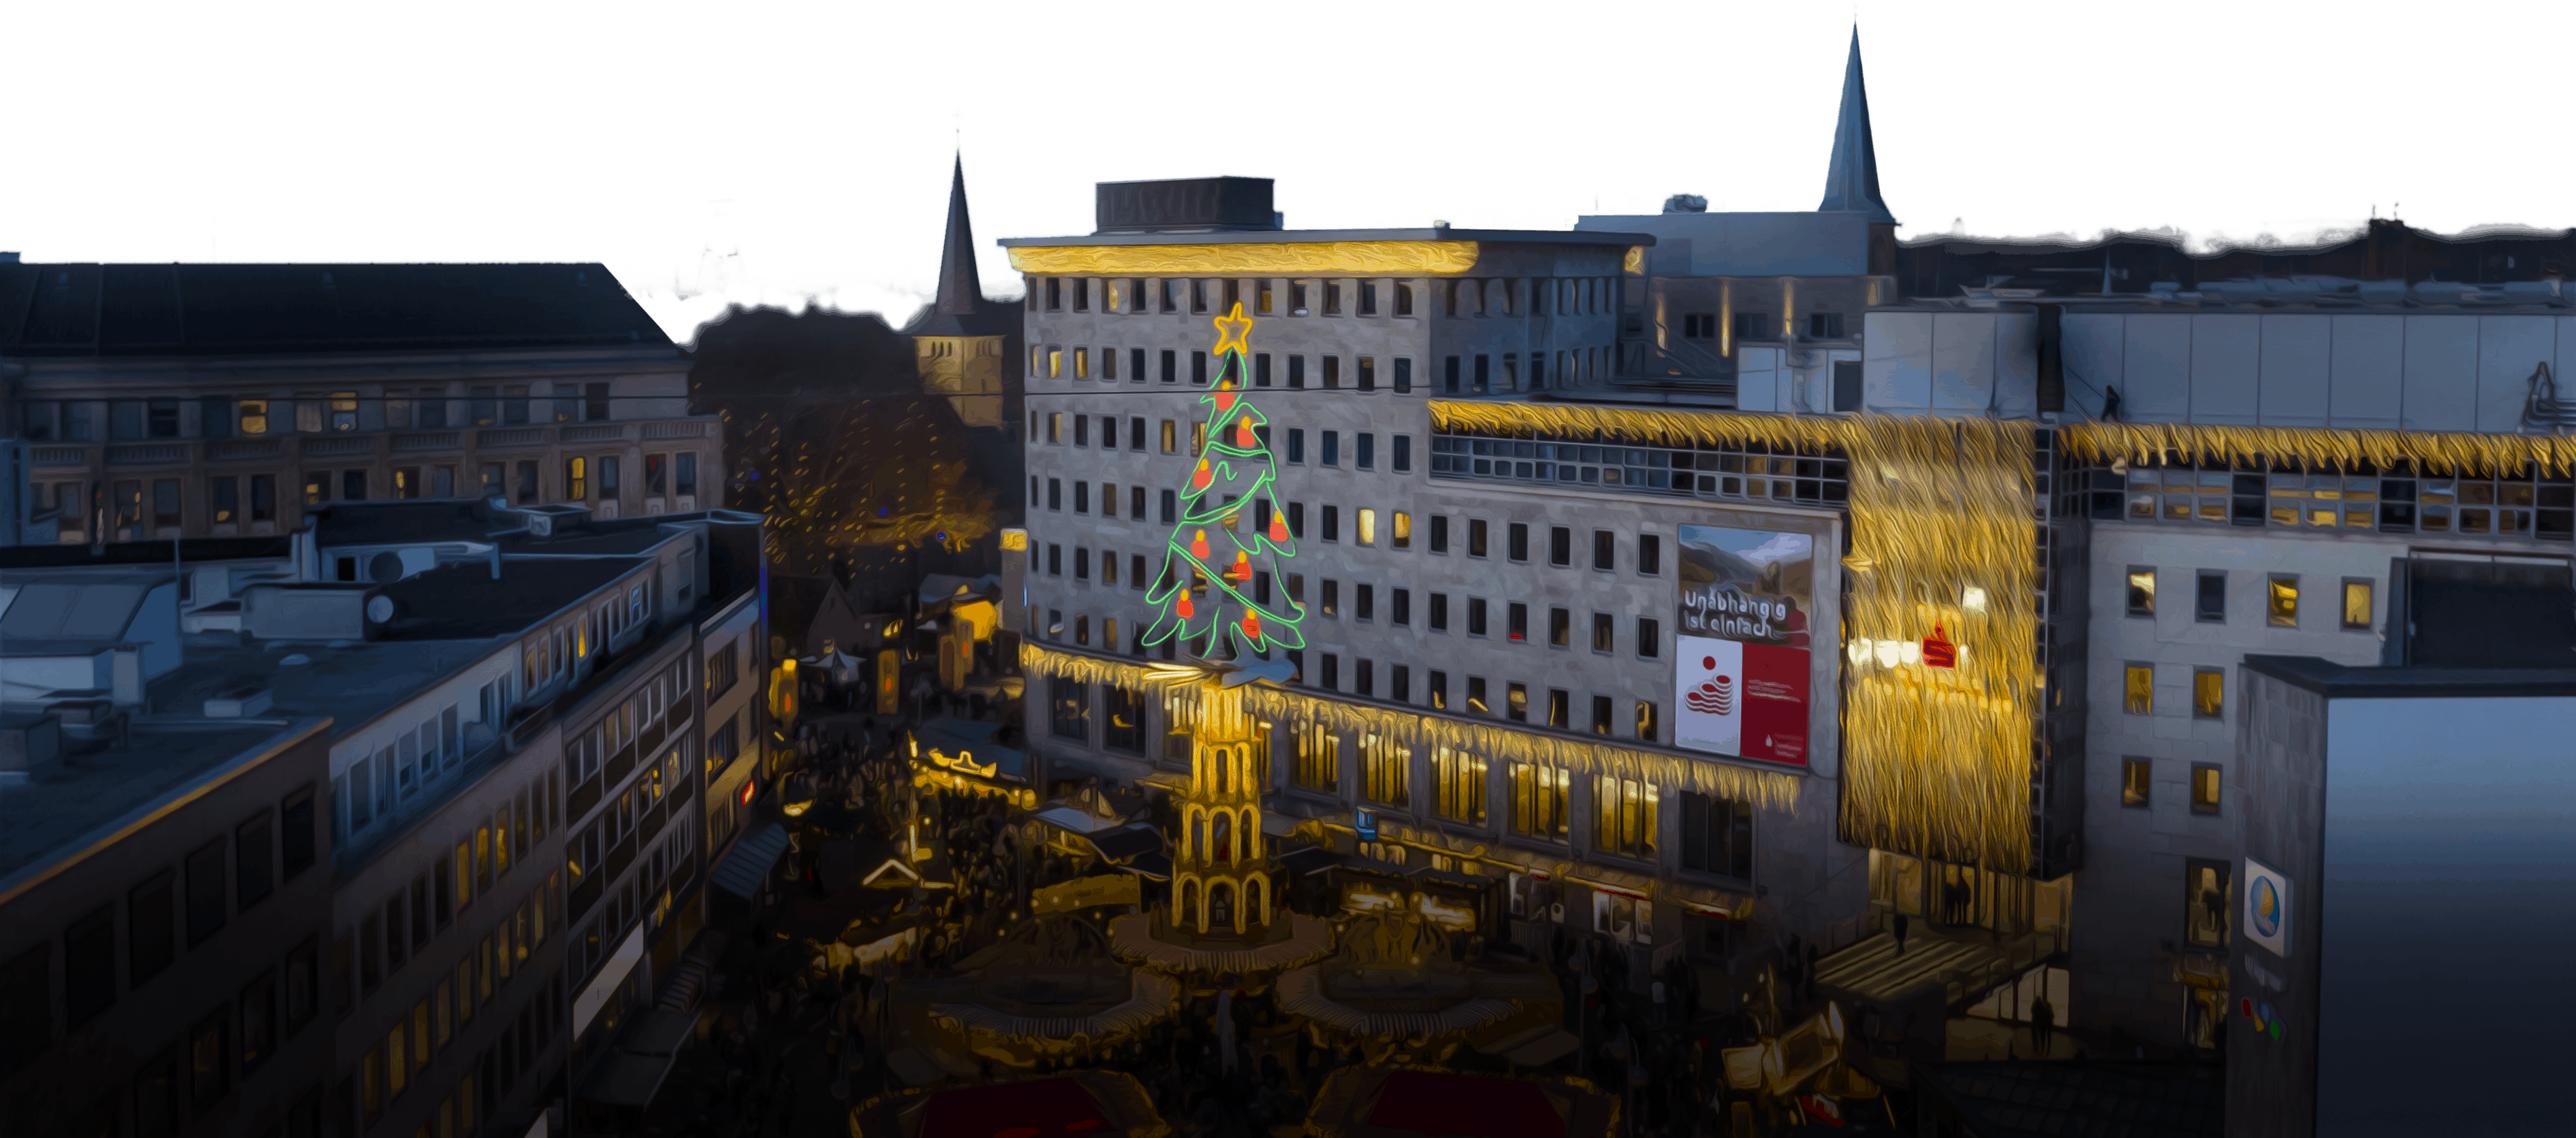 Totensonntag Weihnachtsmarkt.Bochumer Weihnacht 21 November Bis 23 Dezember 2019